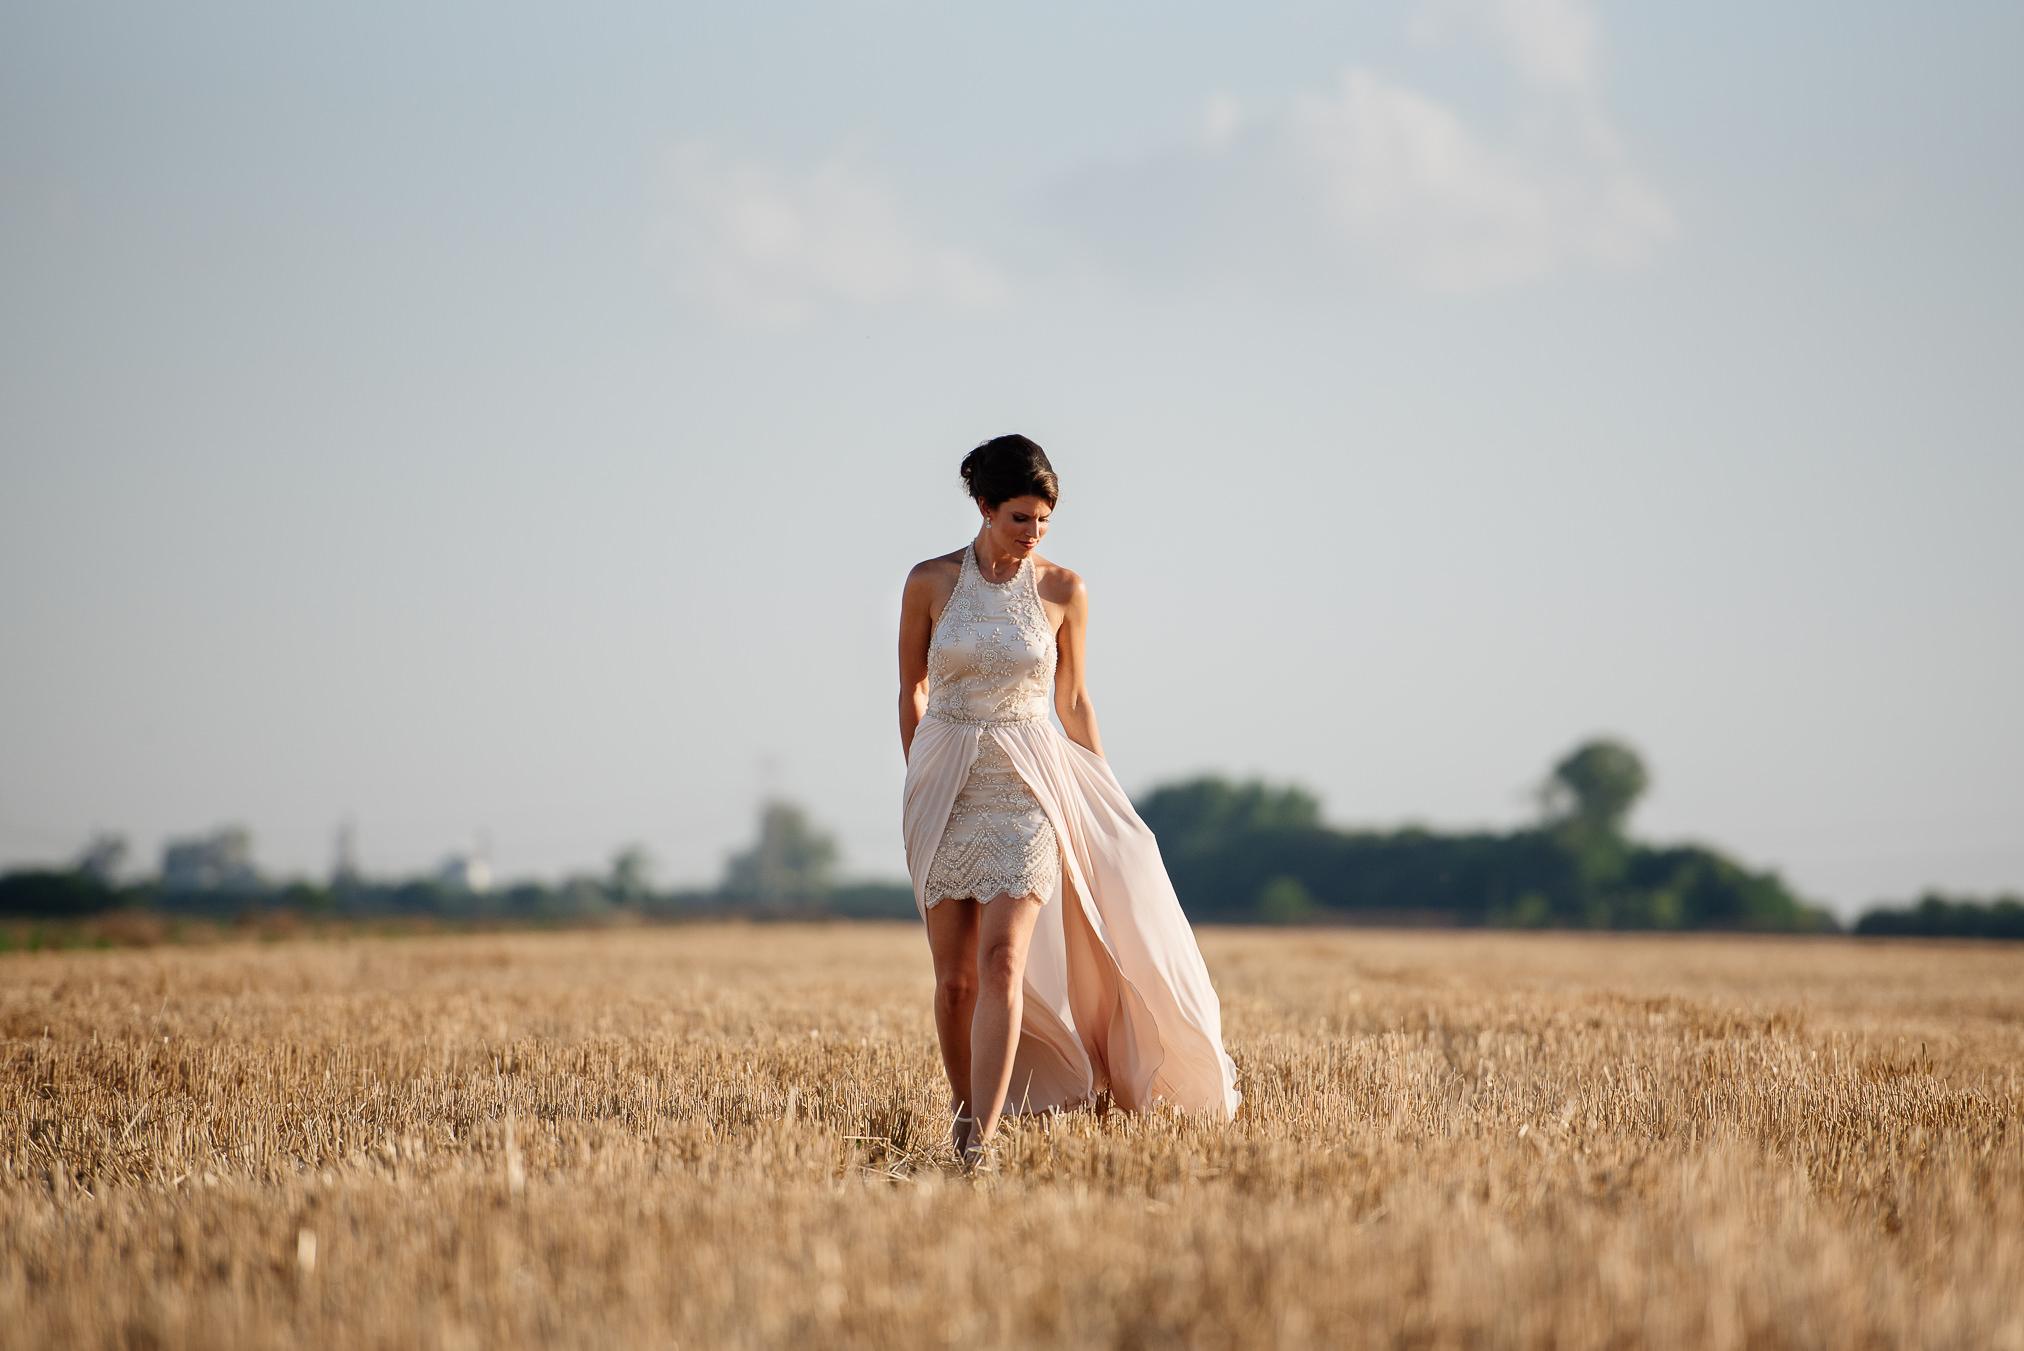 boda-rosario-arroyo-seco-argentina-casamiento-fotografo-wedding-7.jpg